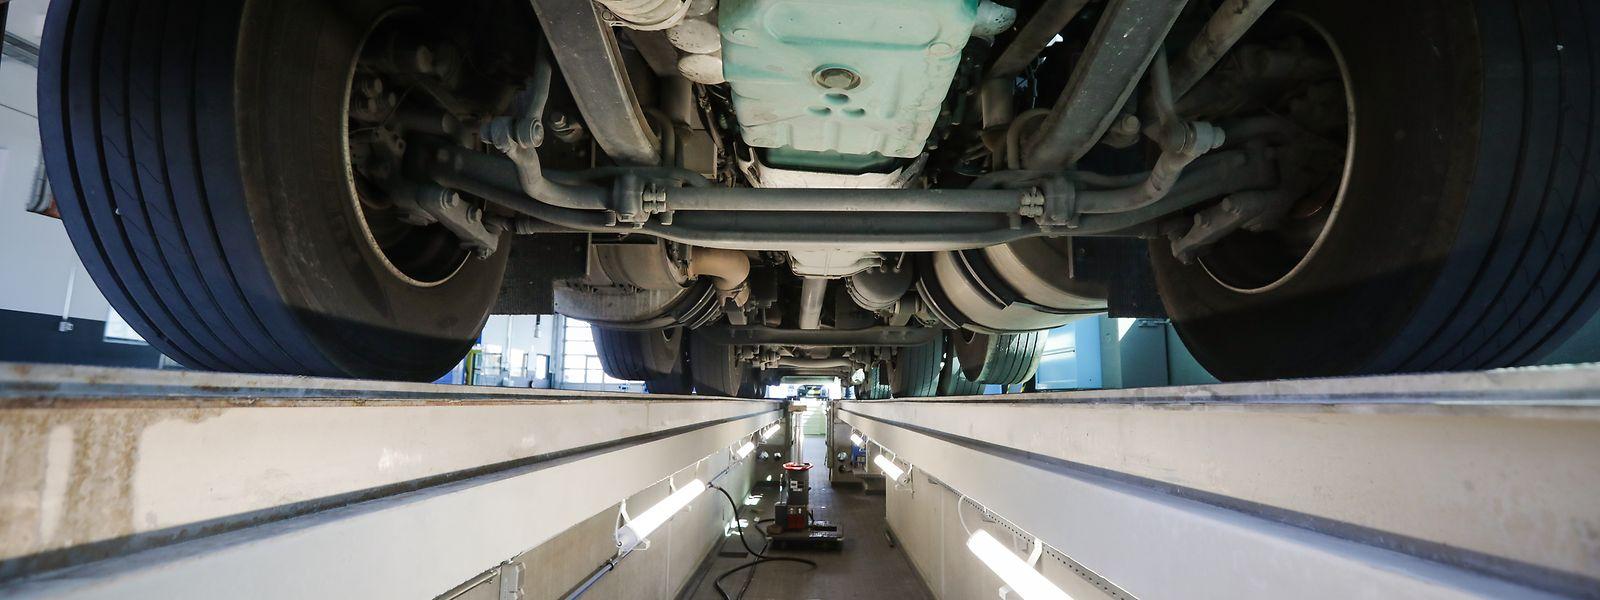 Die Prüfstellen nehmen bis zum 31. März nur noch Fahrzeuge in Augenschein, deren Verkehrstauglichkeitsbescheinigung bereits abgelaufen ist - oder binnen einer Frist von zwei Wochen ablaufen wird.